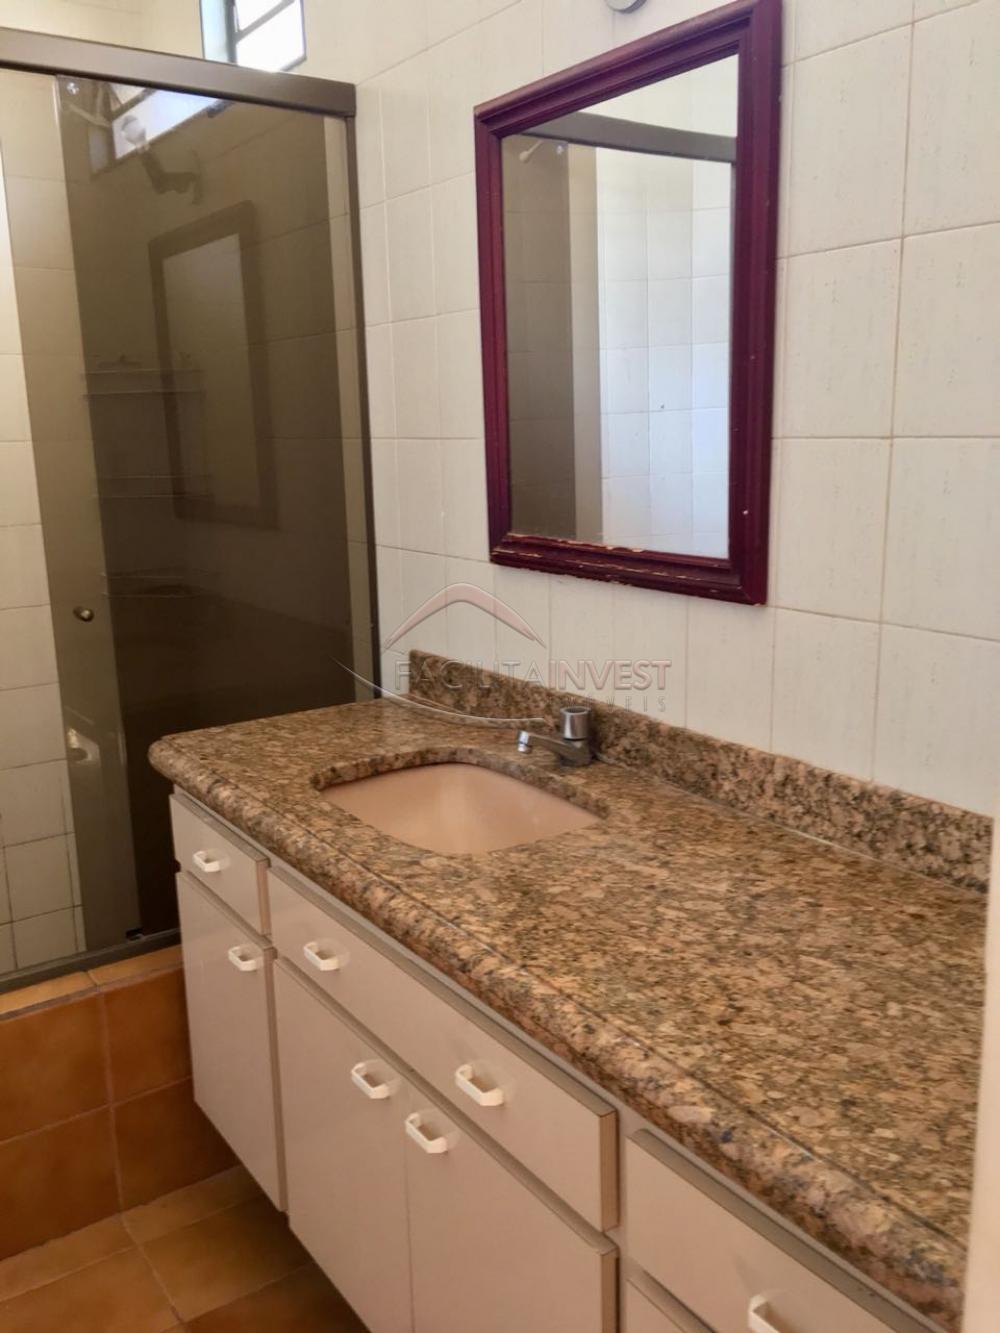 Alugar Casa Comercial/Prédio comercial / Predio comercial em Ribeirão Preto apenas R$ 3.500,00 - Foto 17